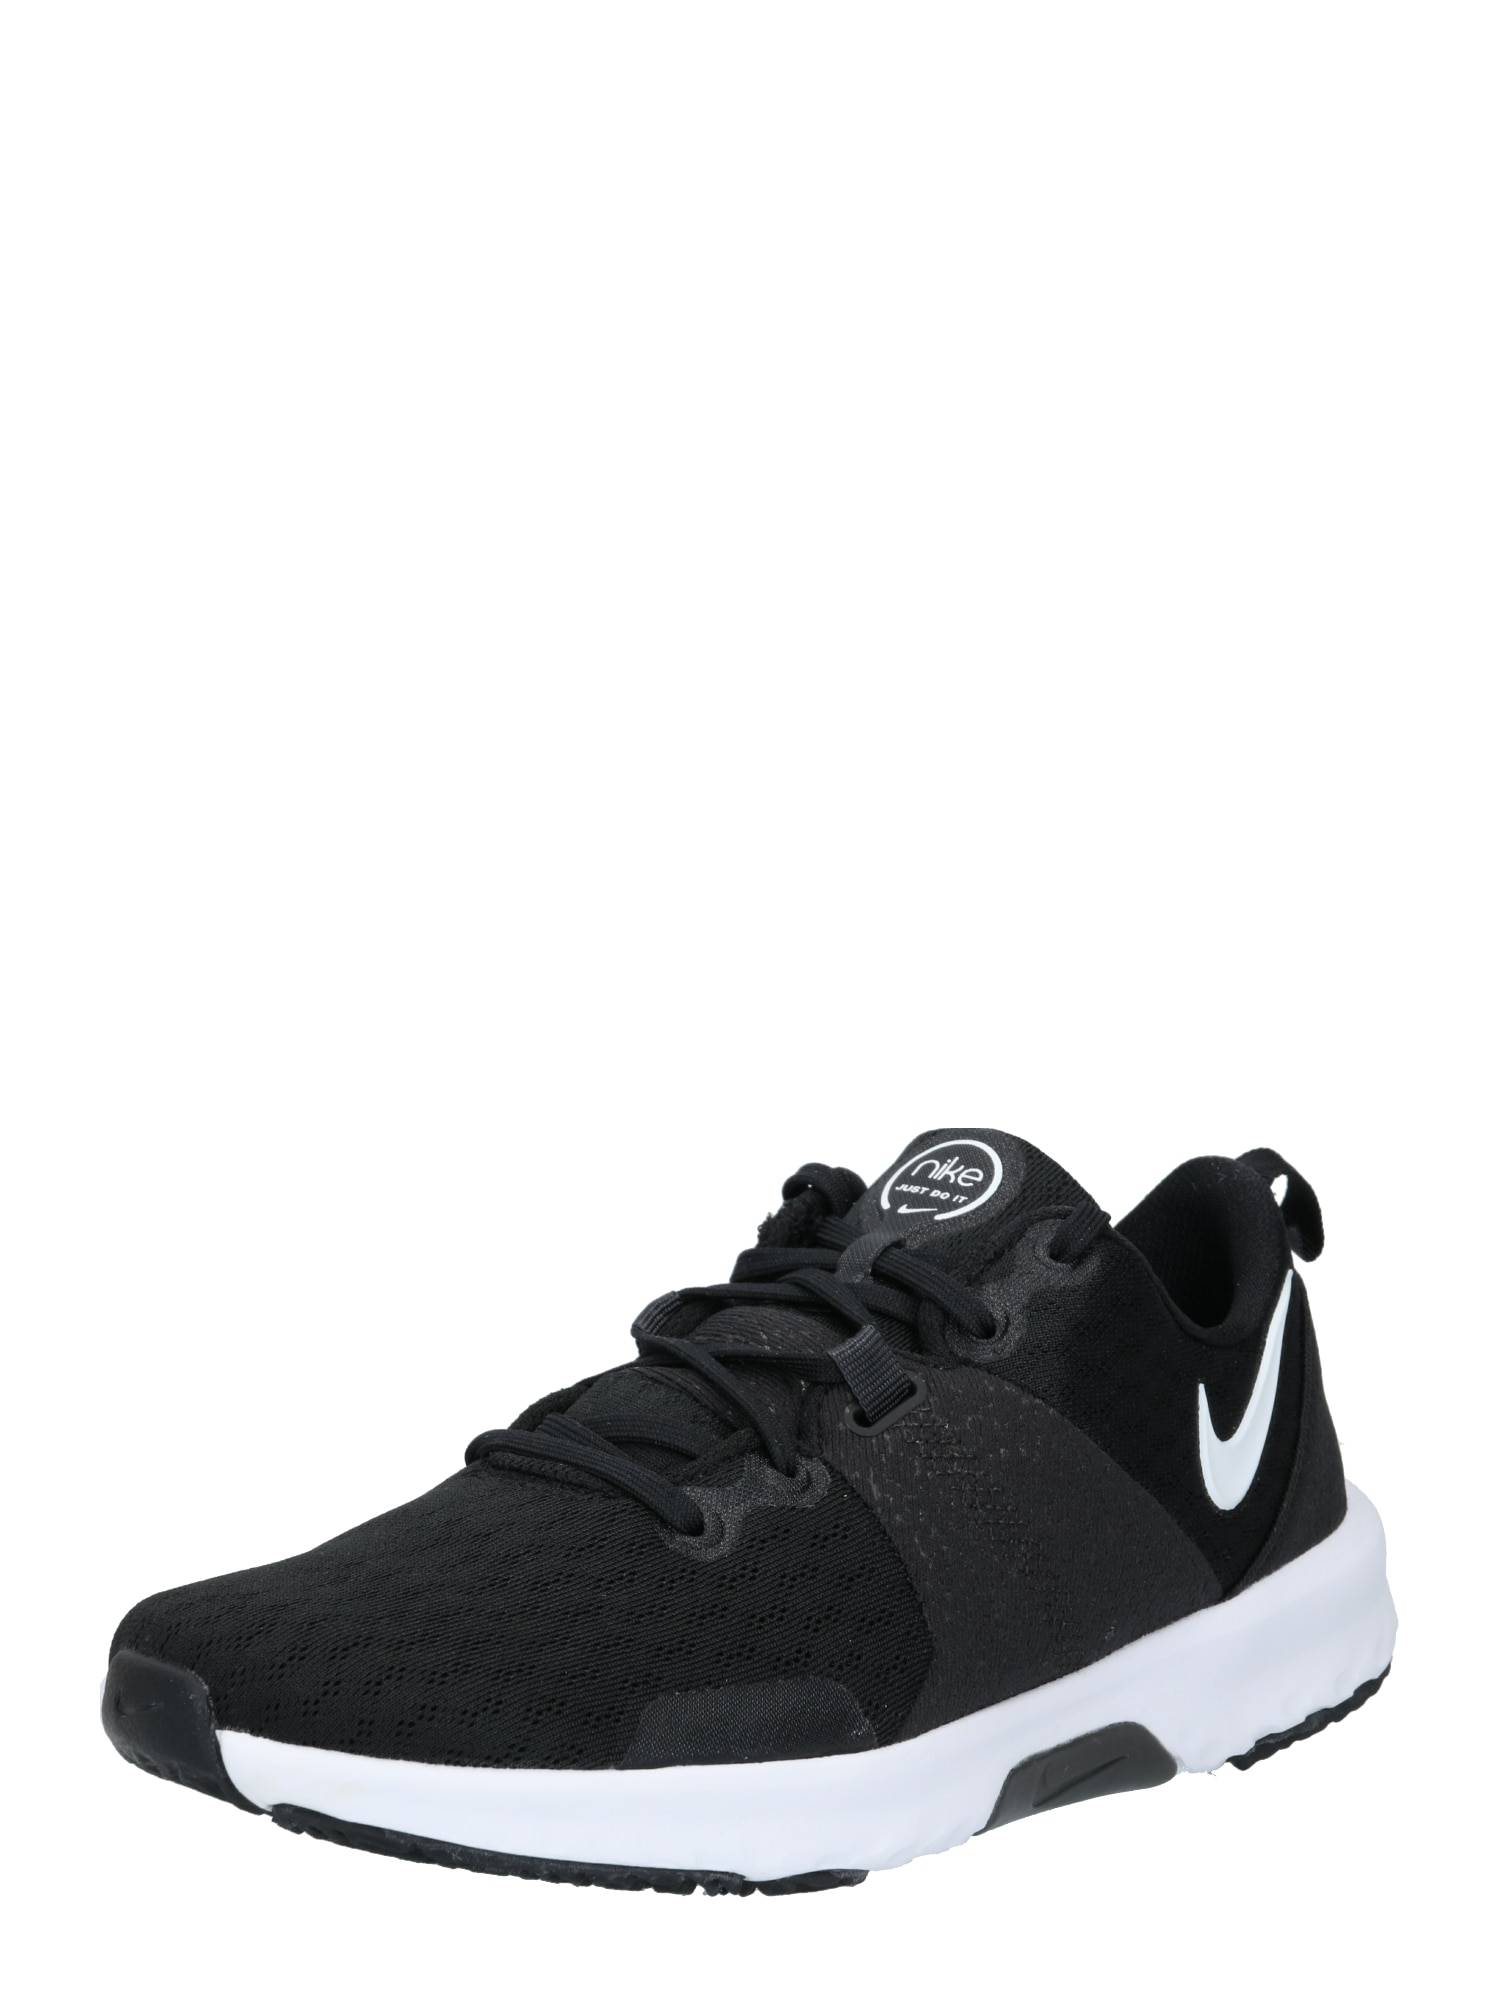 NIKE Chaussure de sport 'City Trainer 3'  - Noir - Taille: 5.5 - female